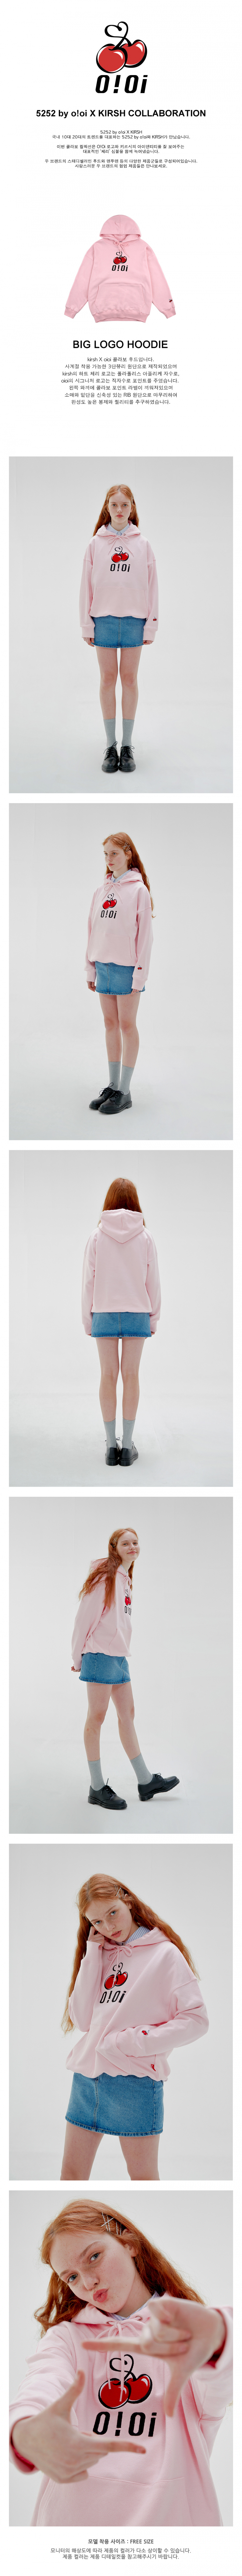 5252 바이 오아이오아이 X 키르시(O!Oi X KIRSH) [O!Oi X KIRSH] BIG LOGO HOODIE_pink